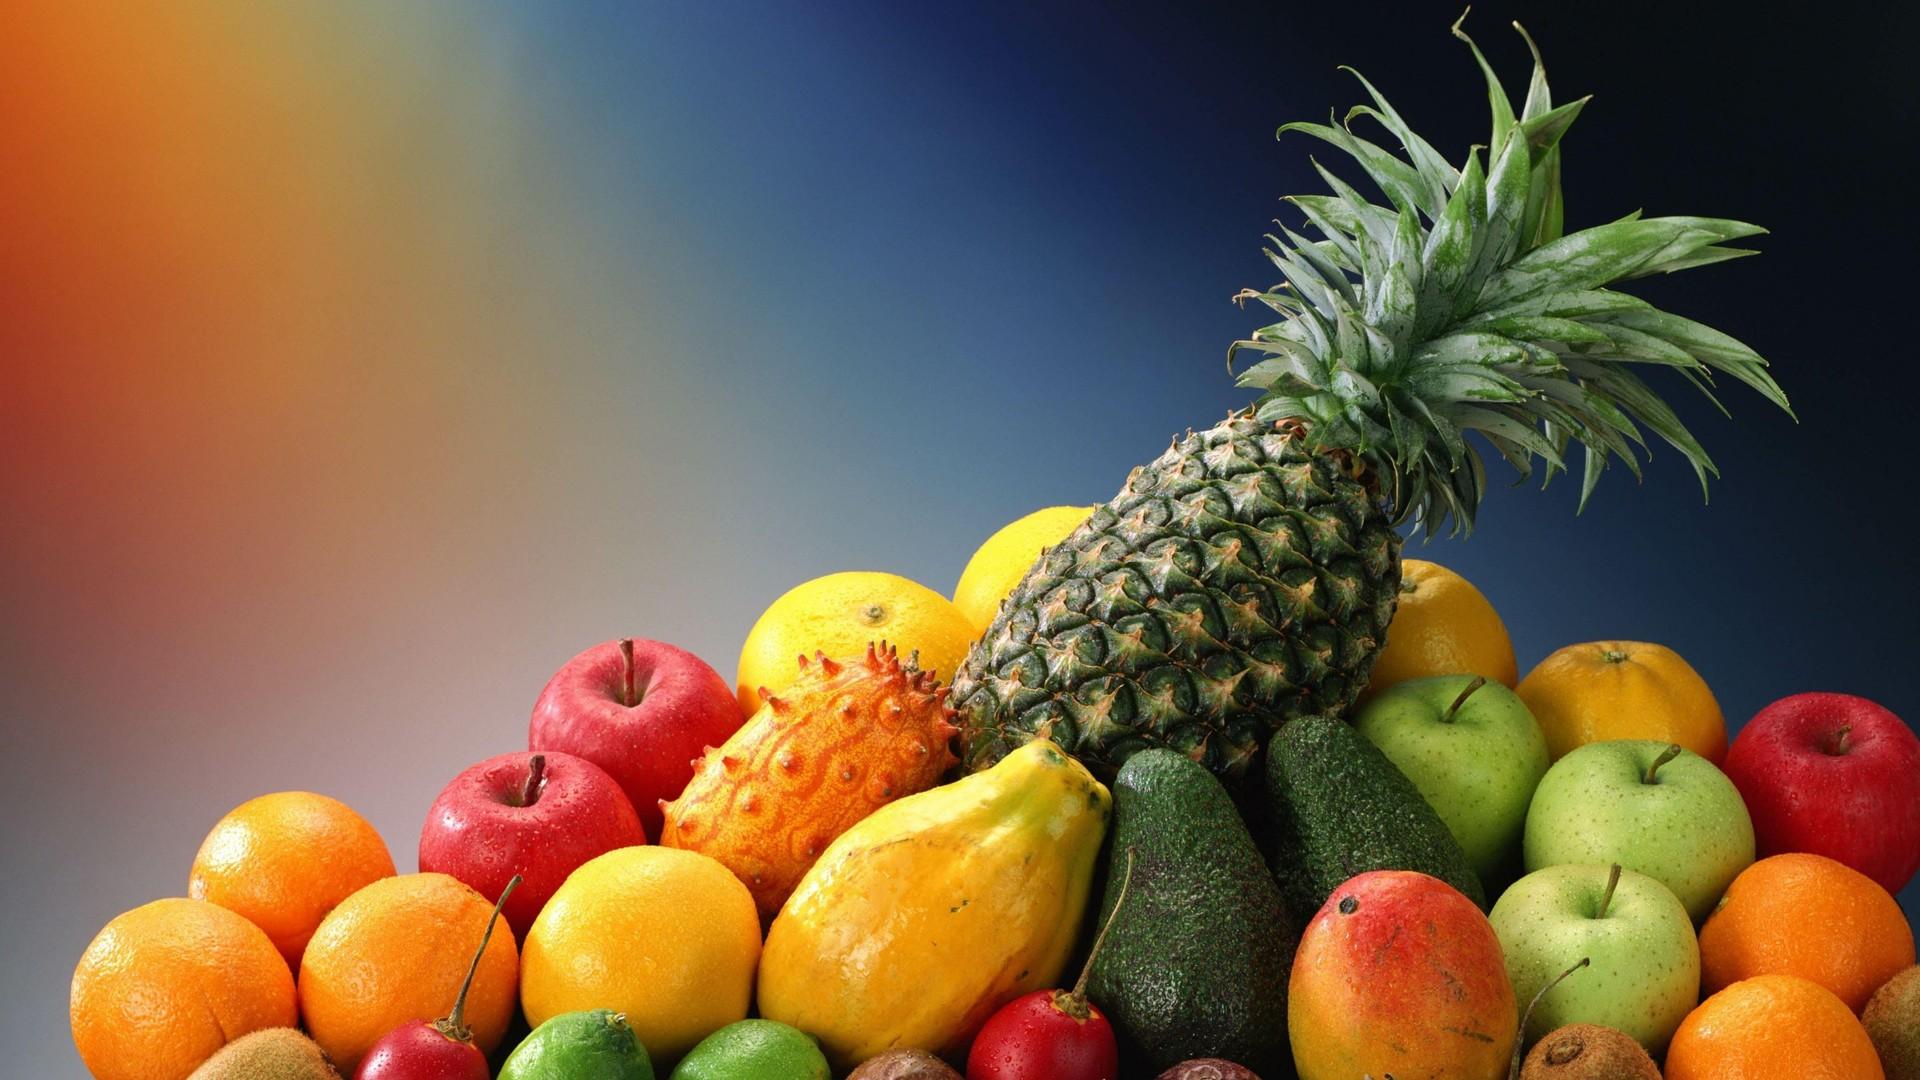 картинка на рабочий стол экзотические фрукты